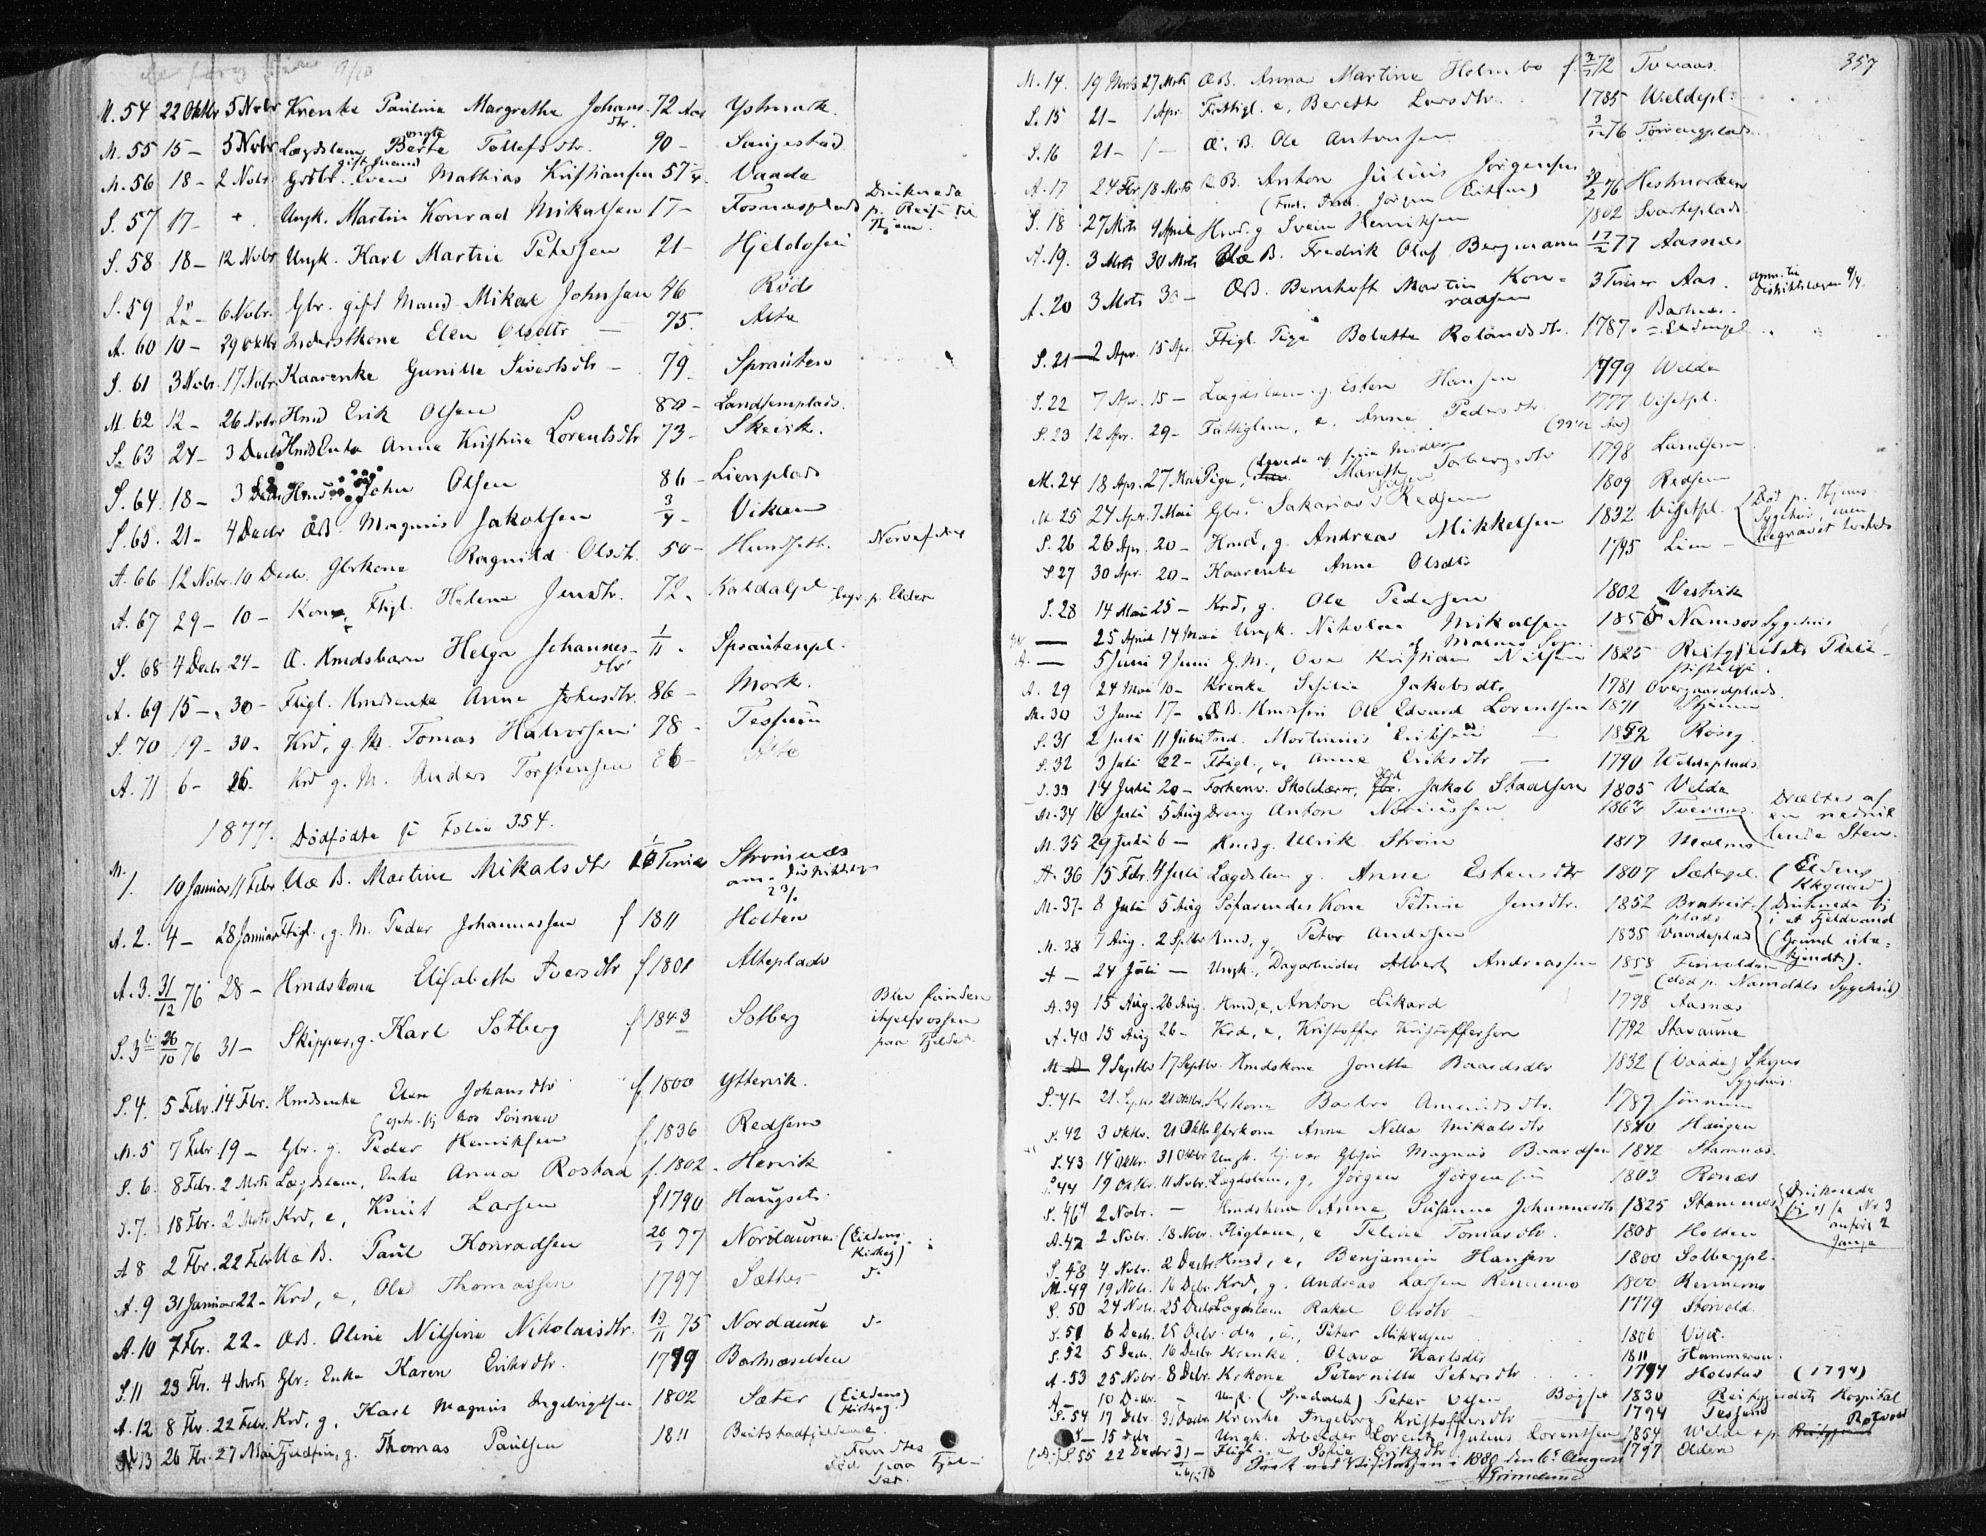 SAT, Ministerialprotokoller, klokkerbøker og fødselsregistre - Nord-Trøndelag, 741/L0394: Ministerialbok nr. 741A08, 1864-1877, s. 357